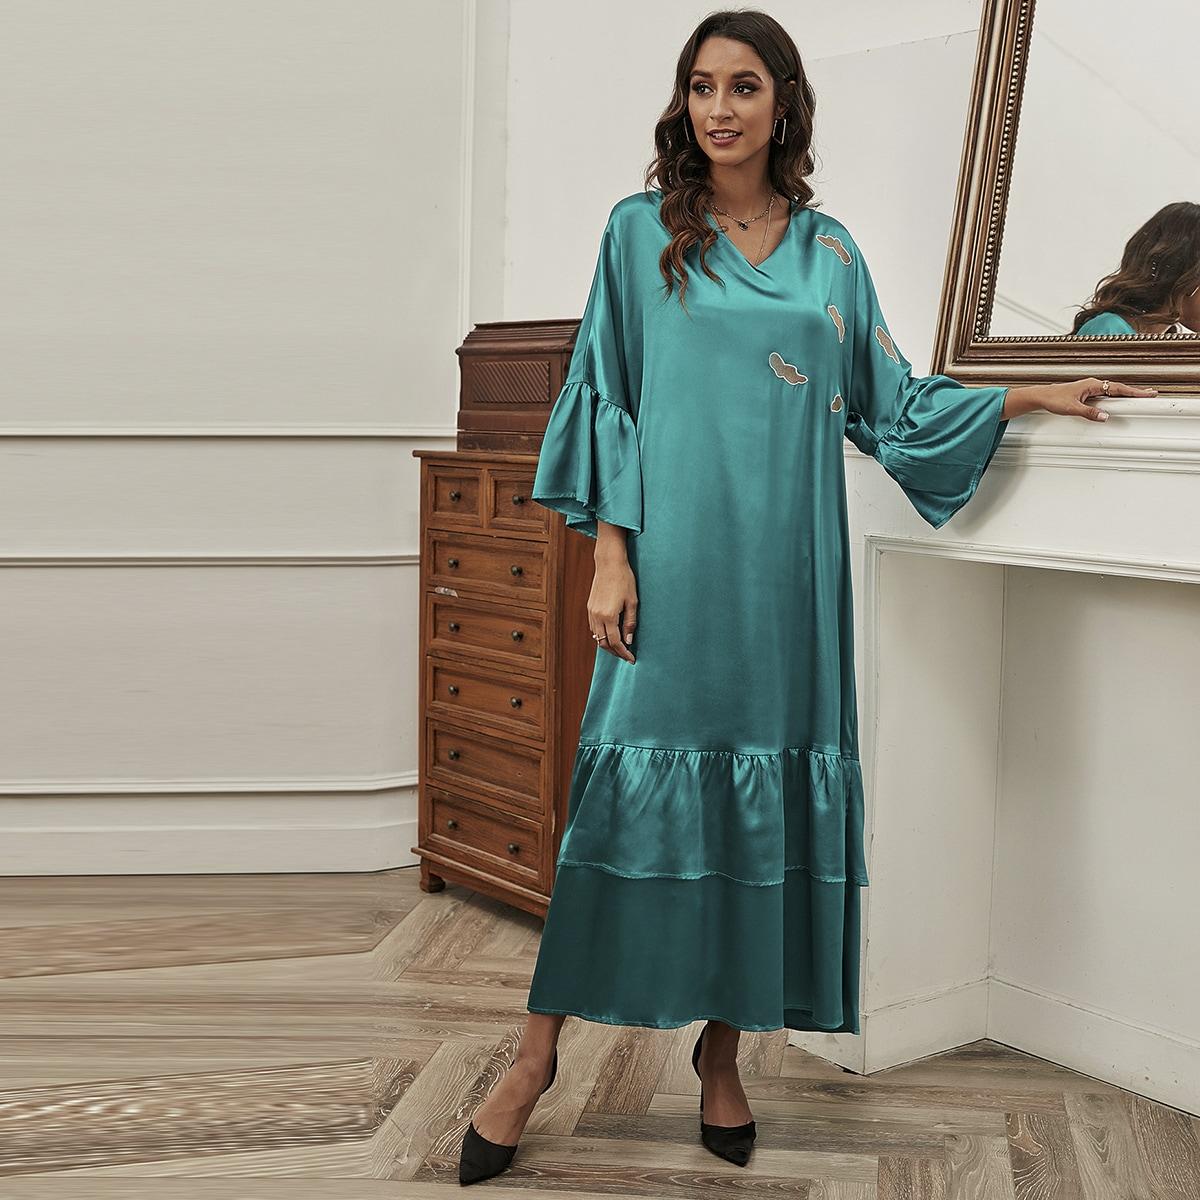 С вышивкой графический принт элегантный арабская одежда